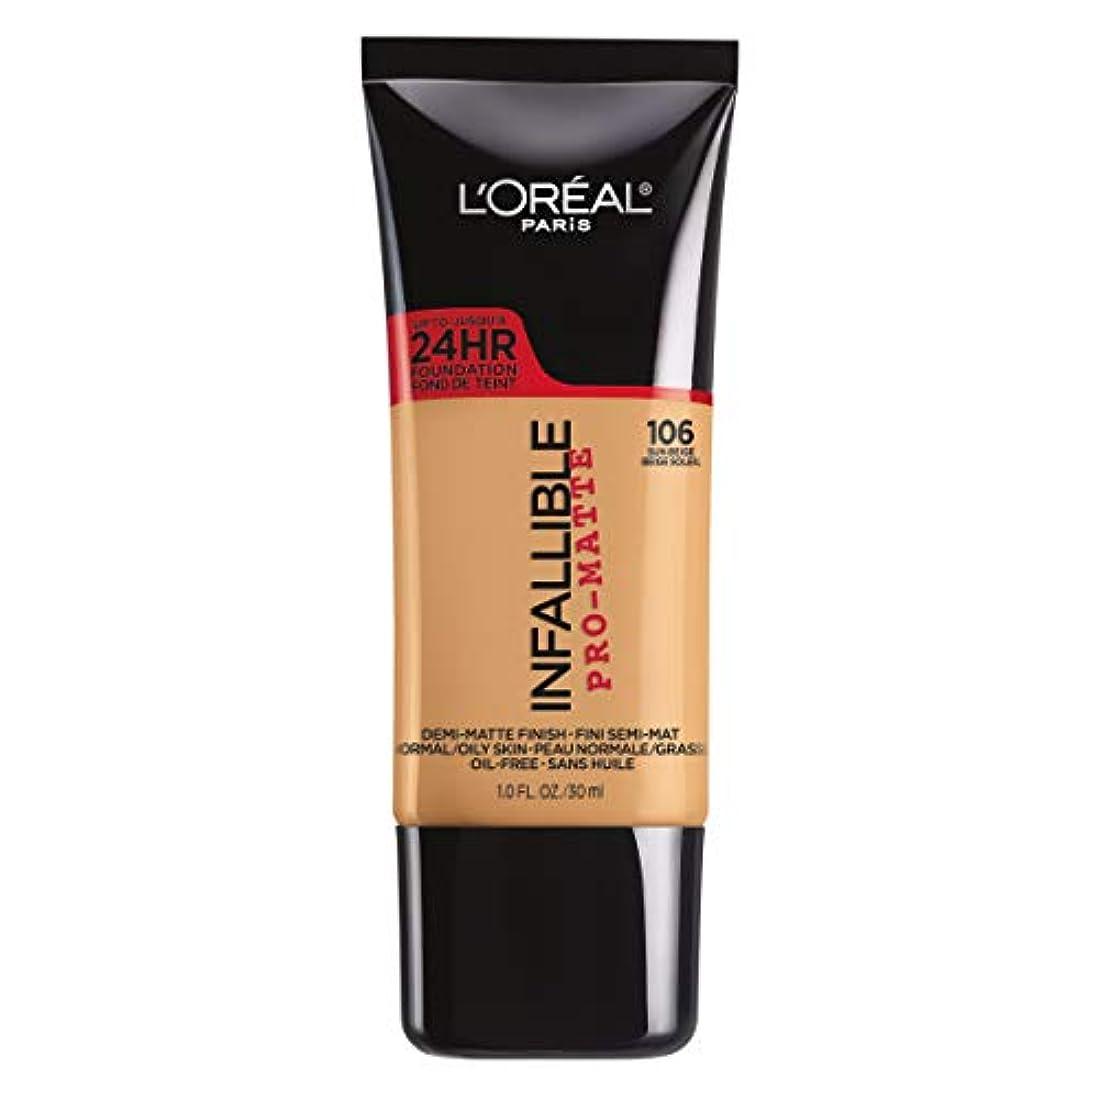 ヘリコプター蒸留不要L'Oreal Paris Infallible Pro-Matte Foundation Makeup, 106 Sun Beige, 1 fl. oz[並行輸入品]